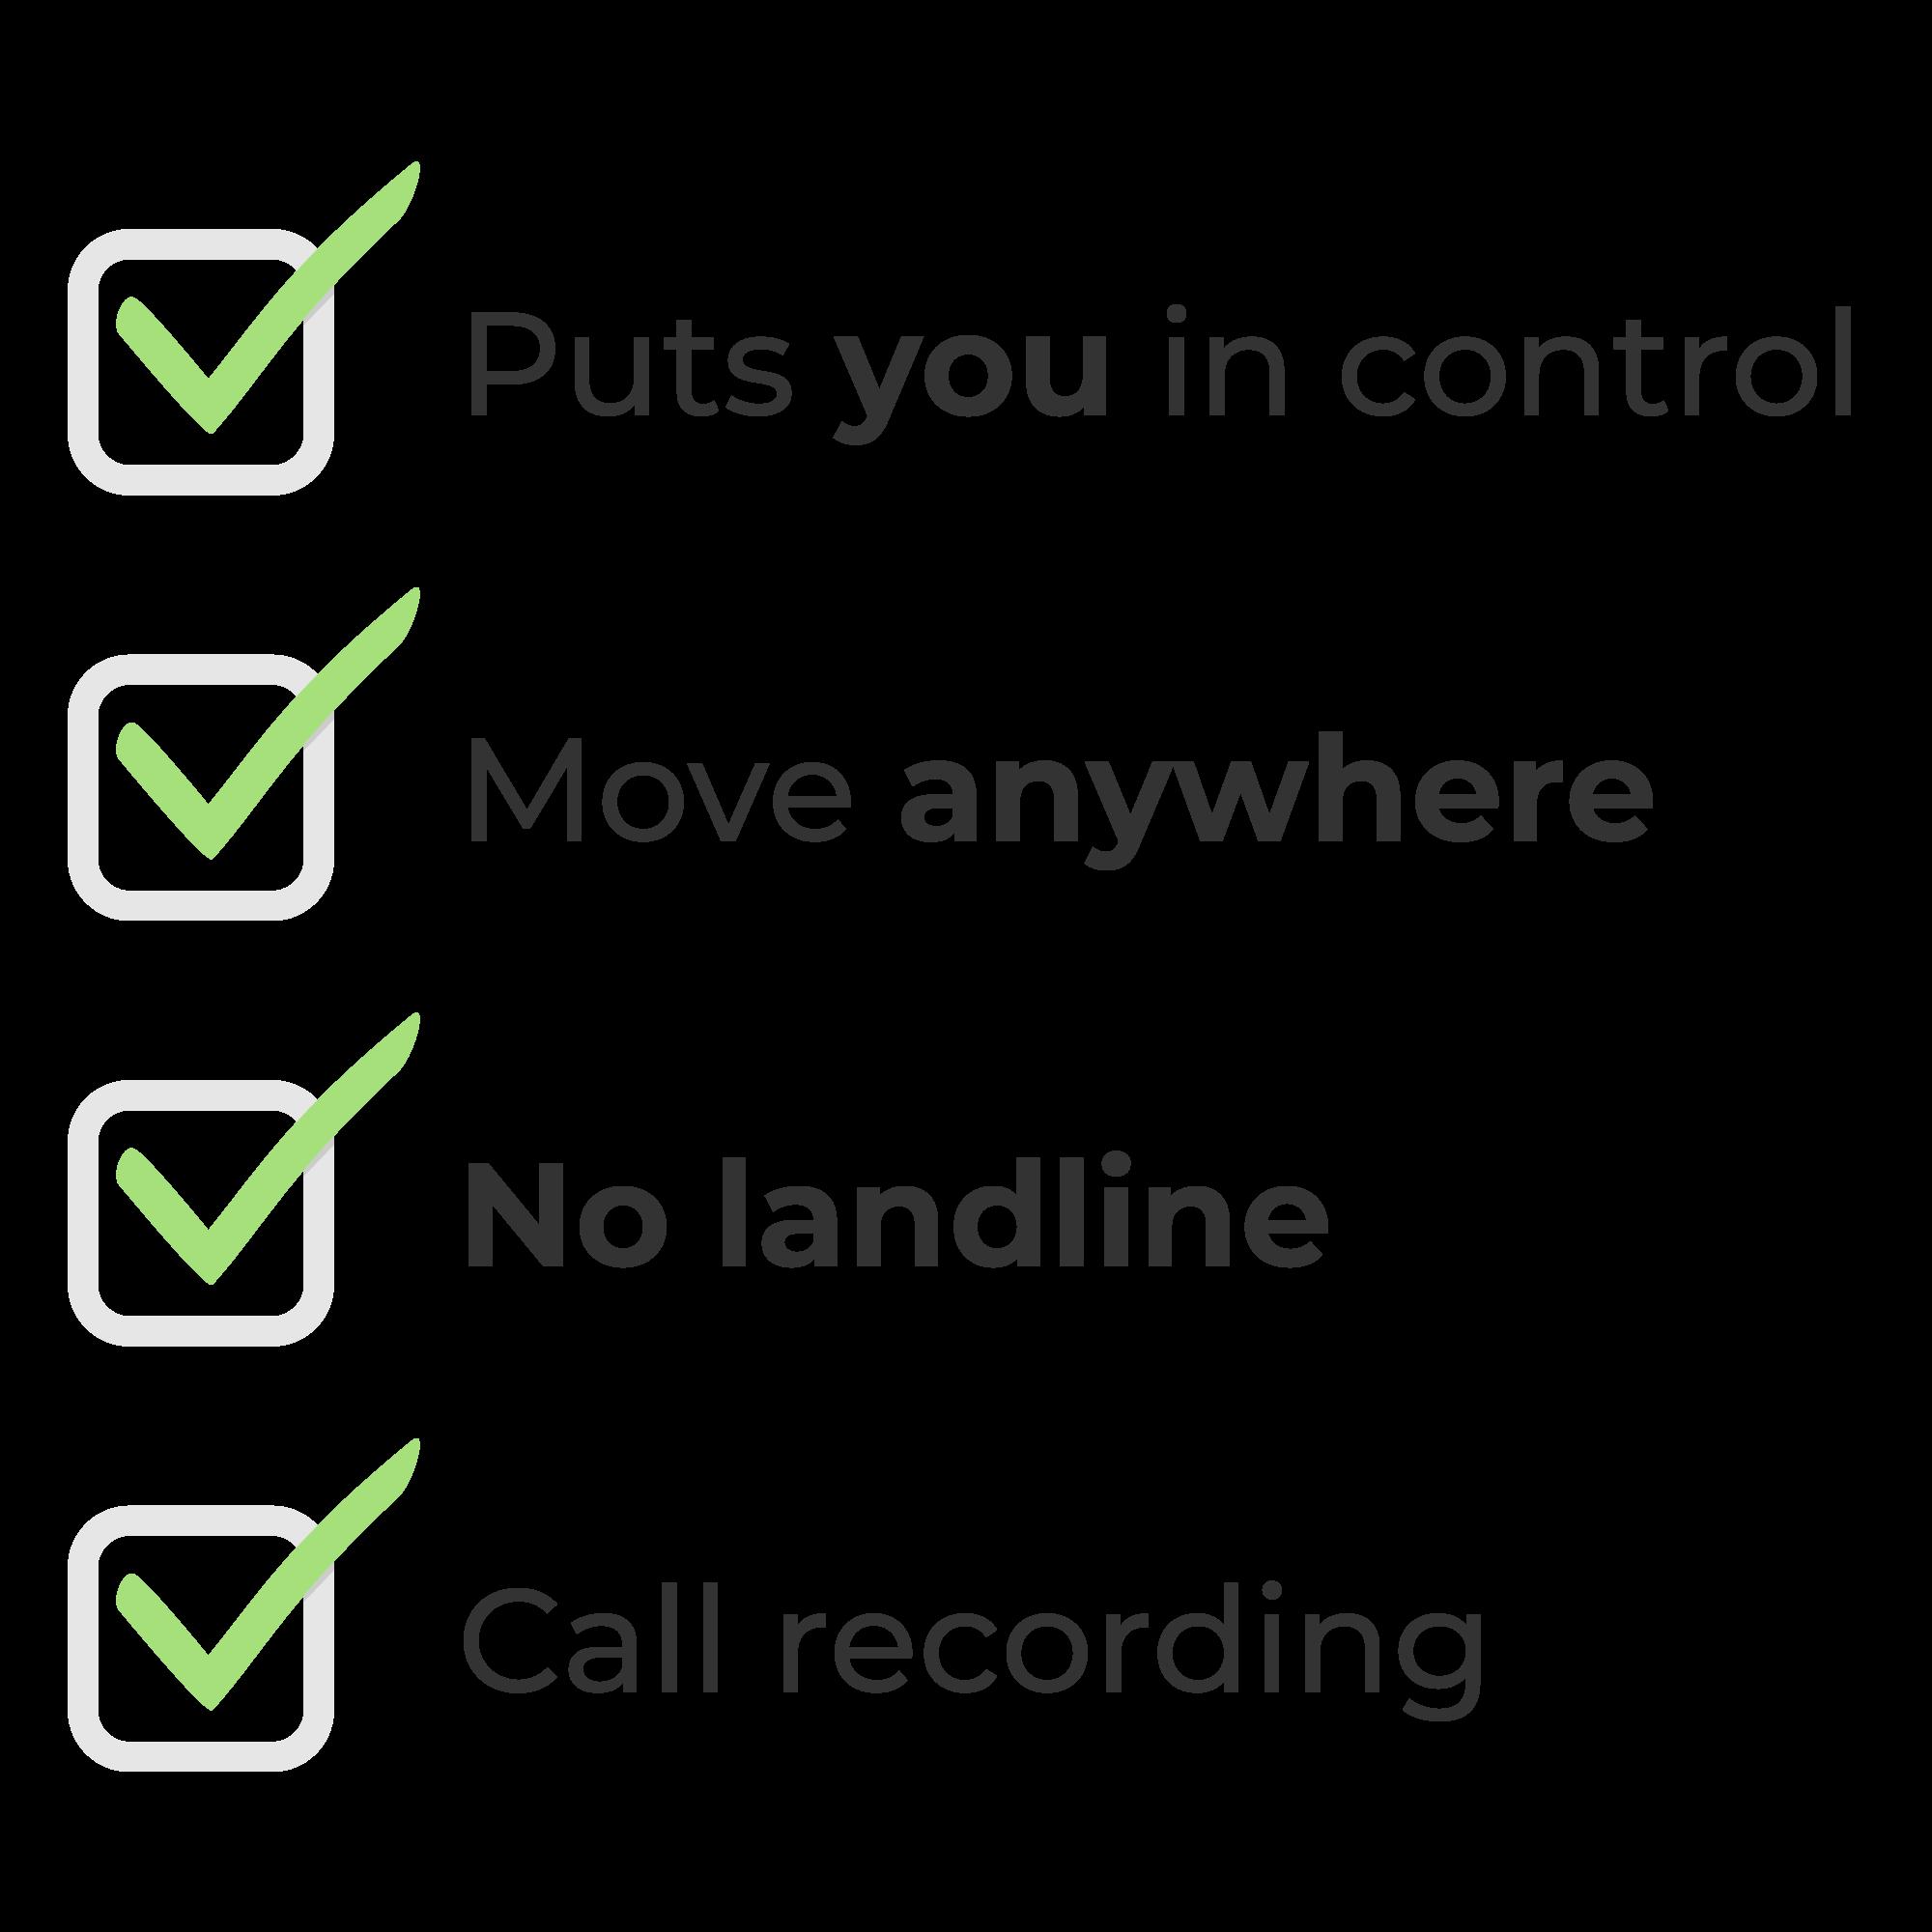 4G4U Benefits Checklist